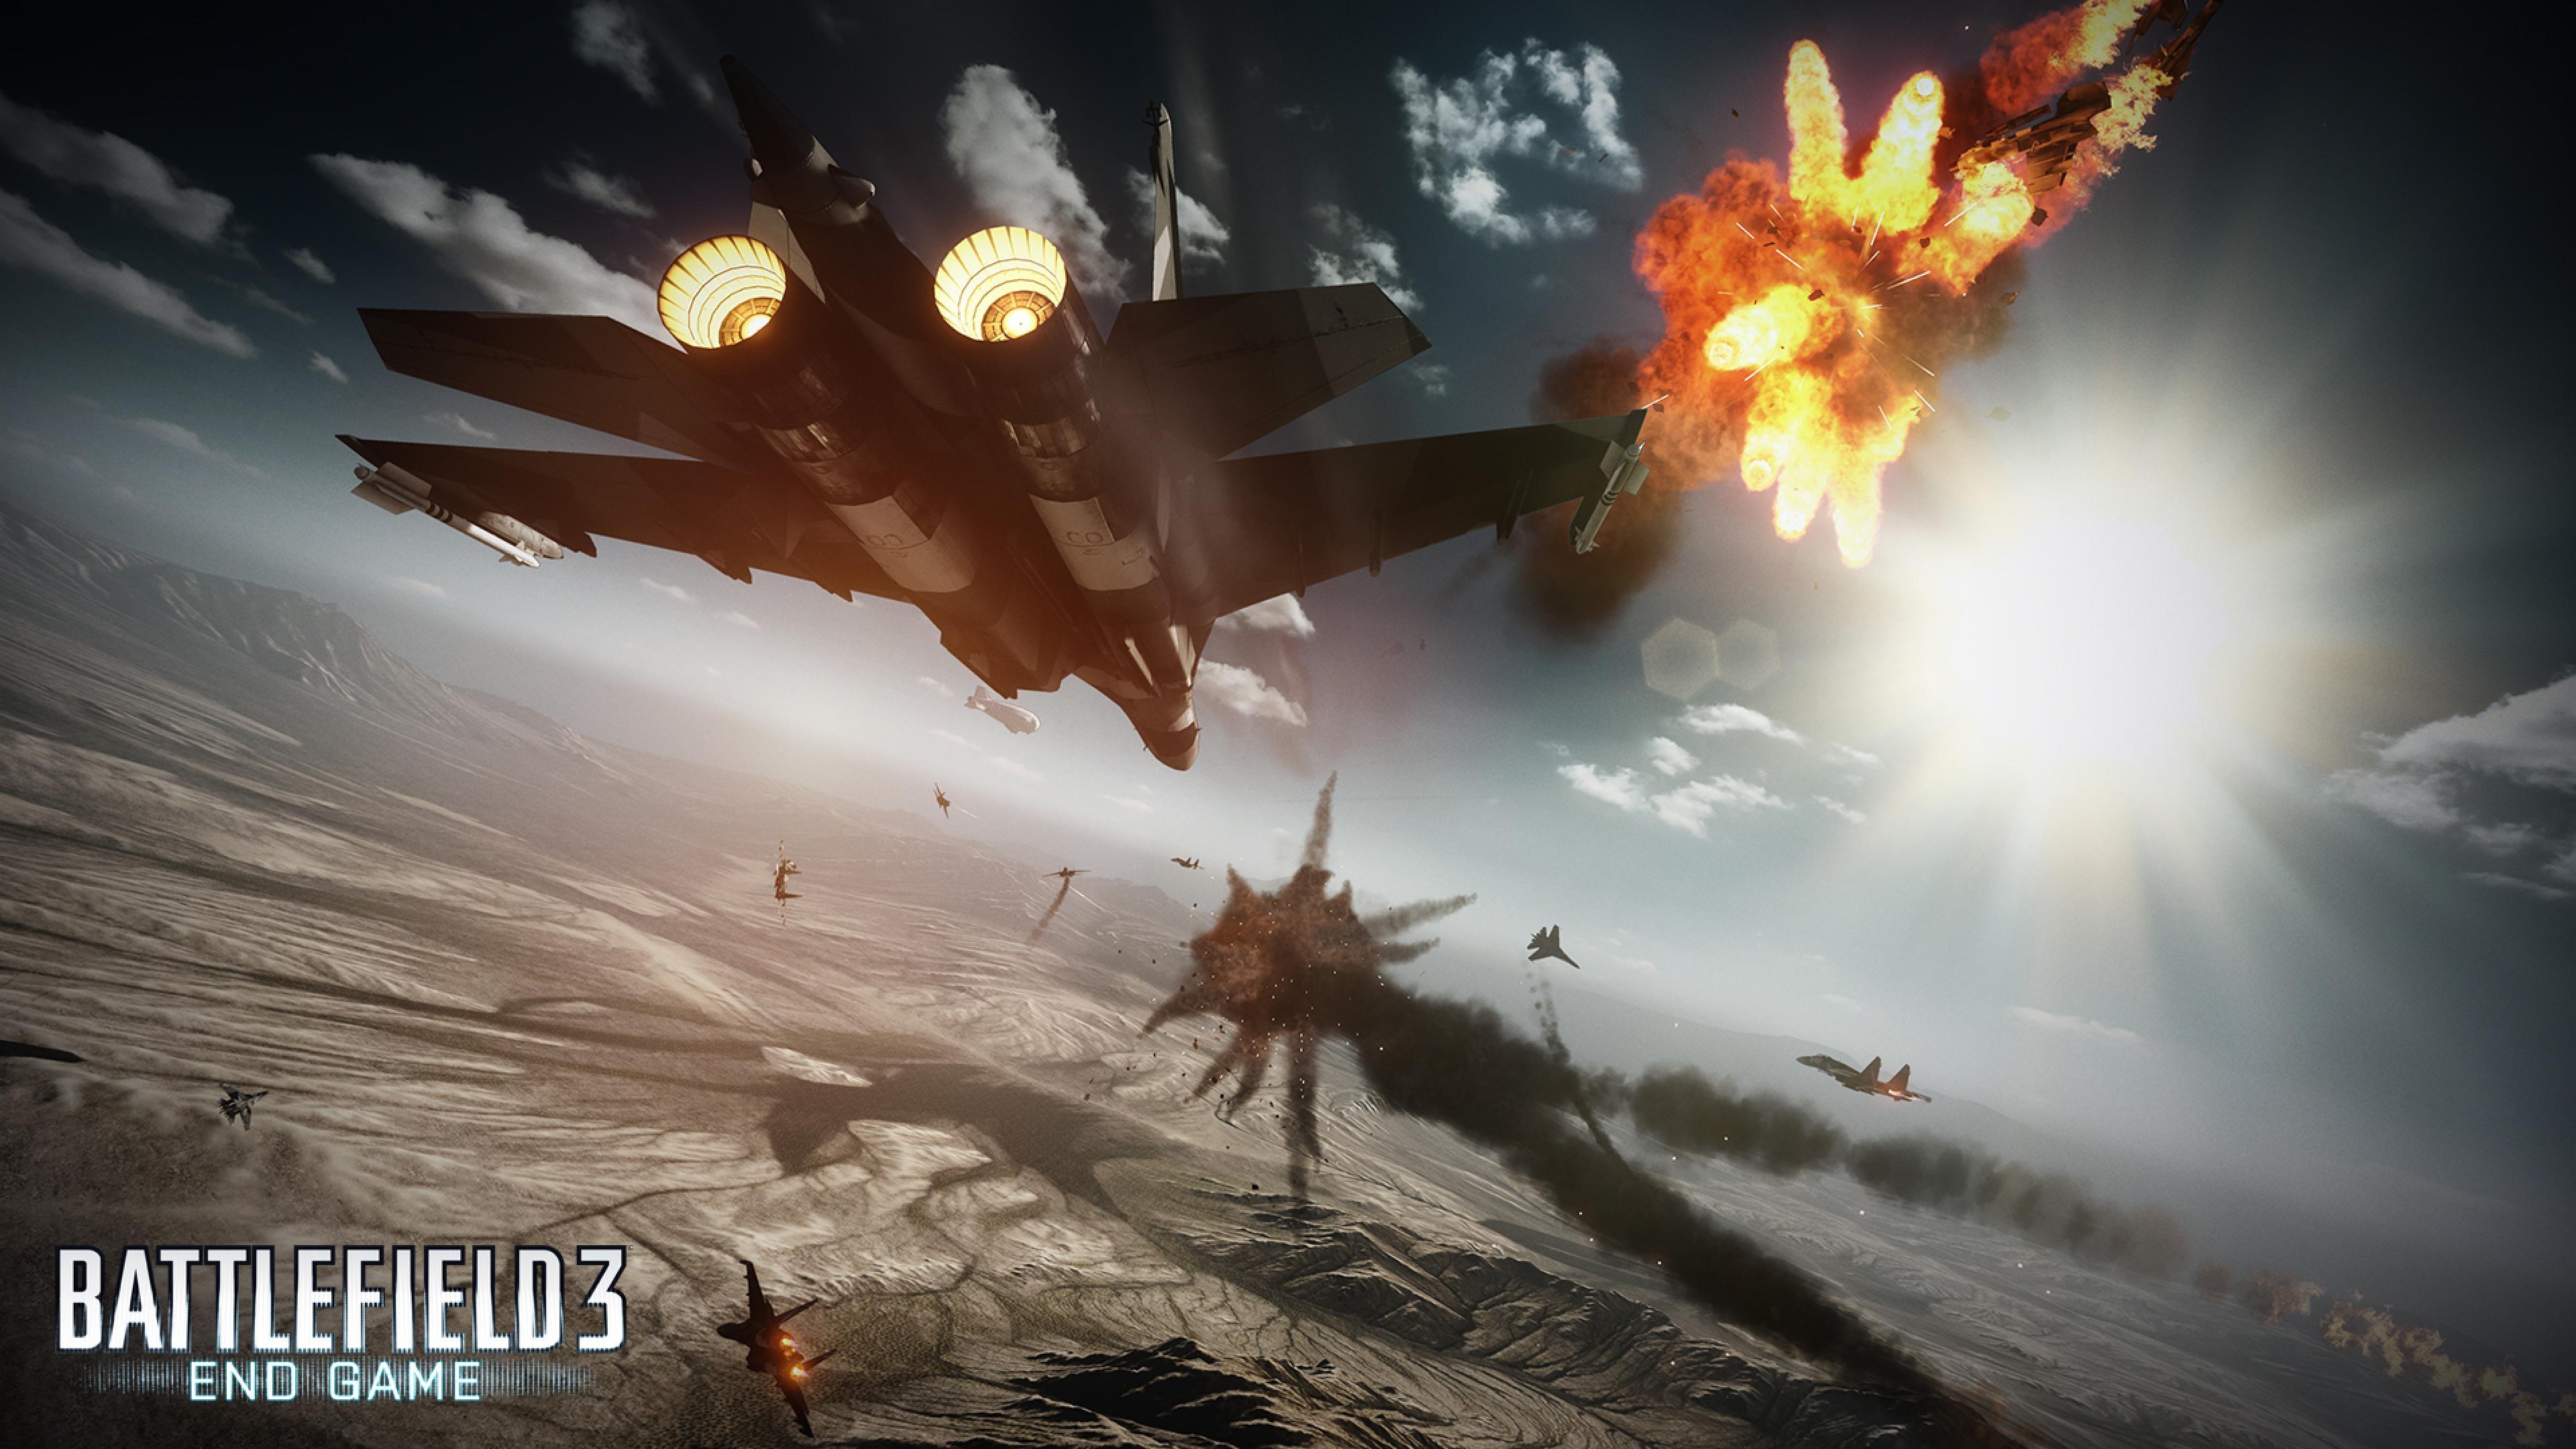 Skyrim Fall Wallpaper Hd Wallpaper Battlefield 3 End Game Best Games Game